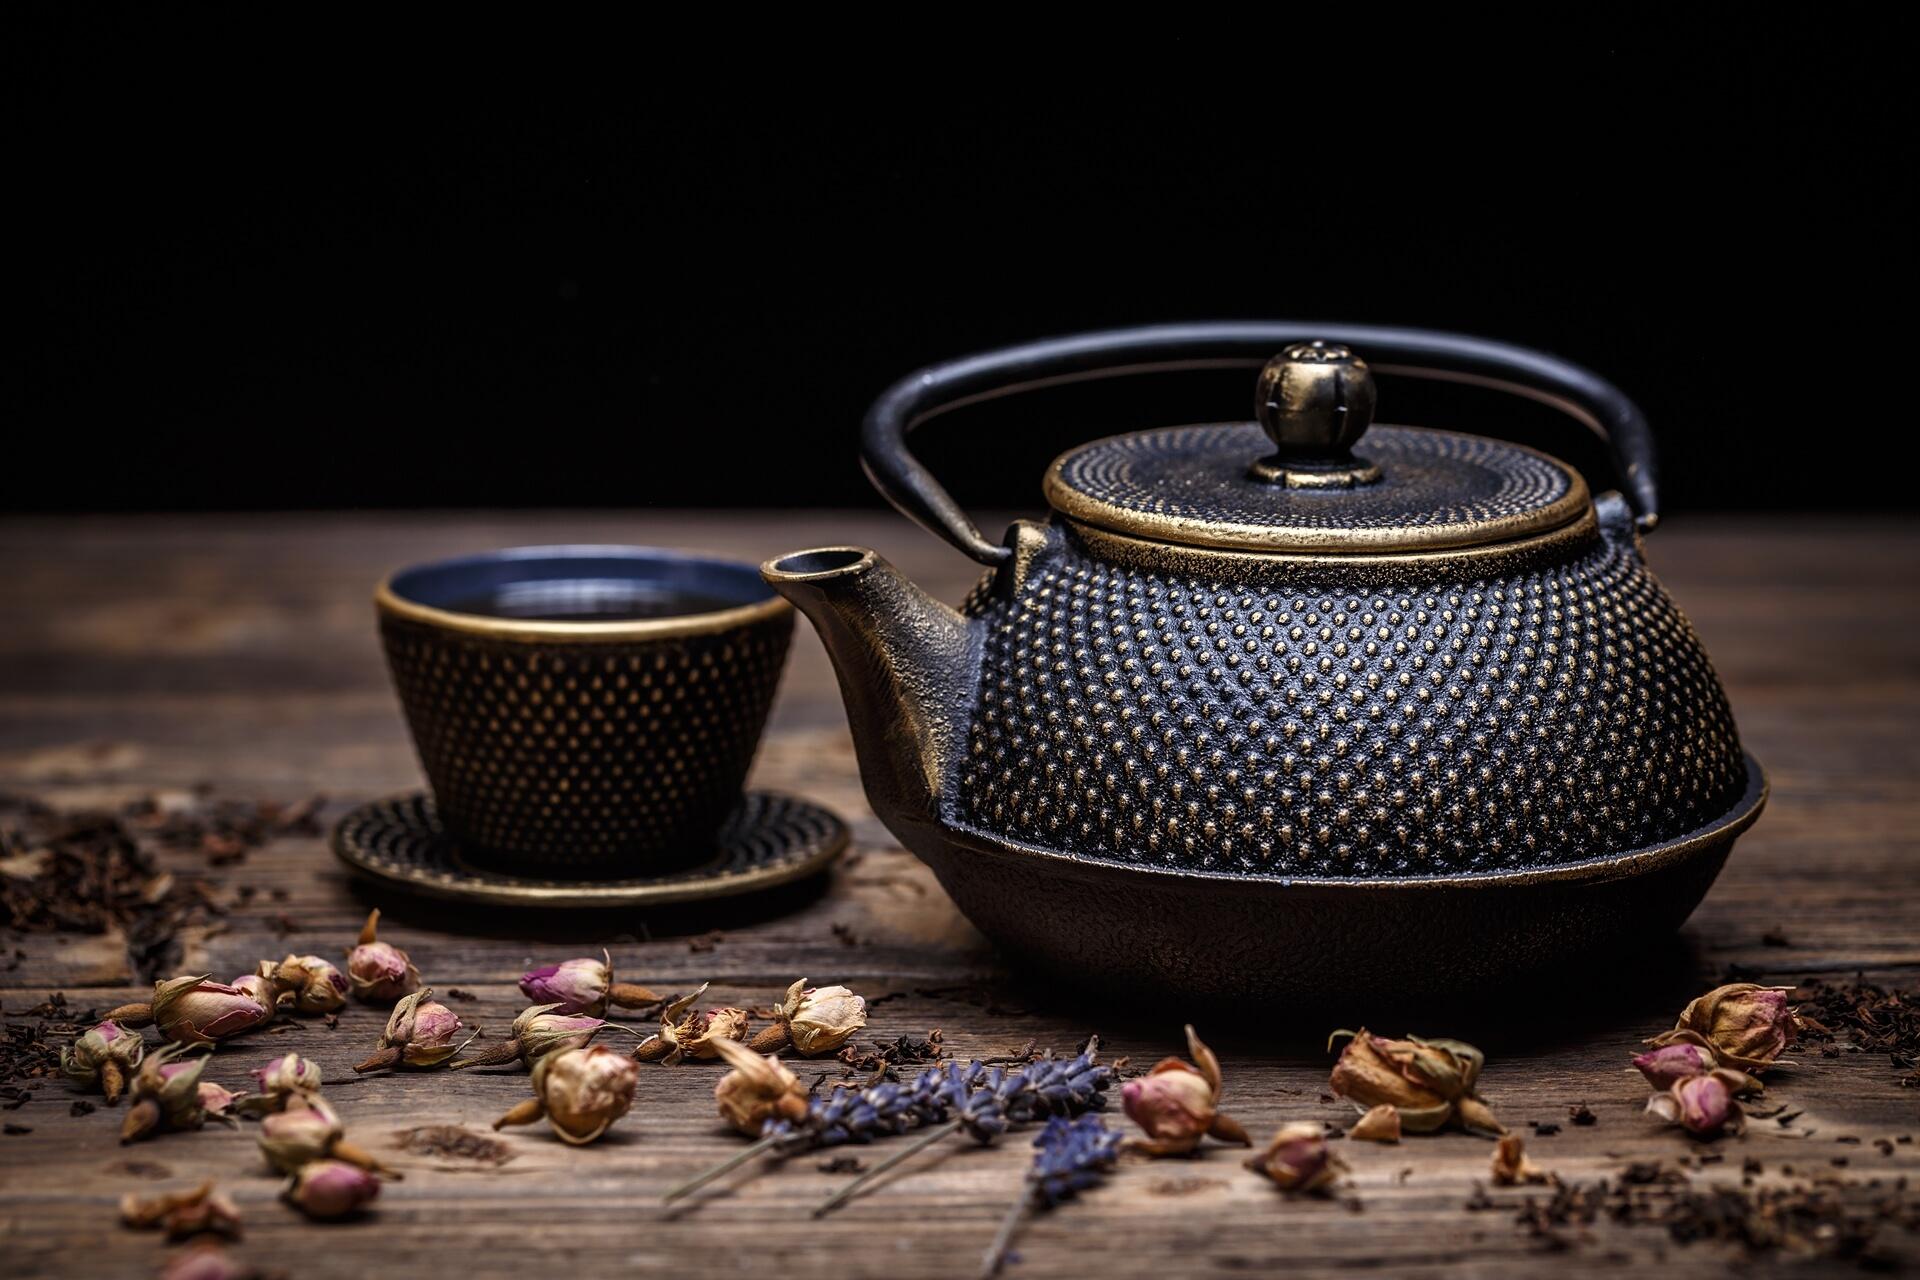 _closeup-of-tea-set-PRGBV4P